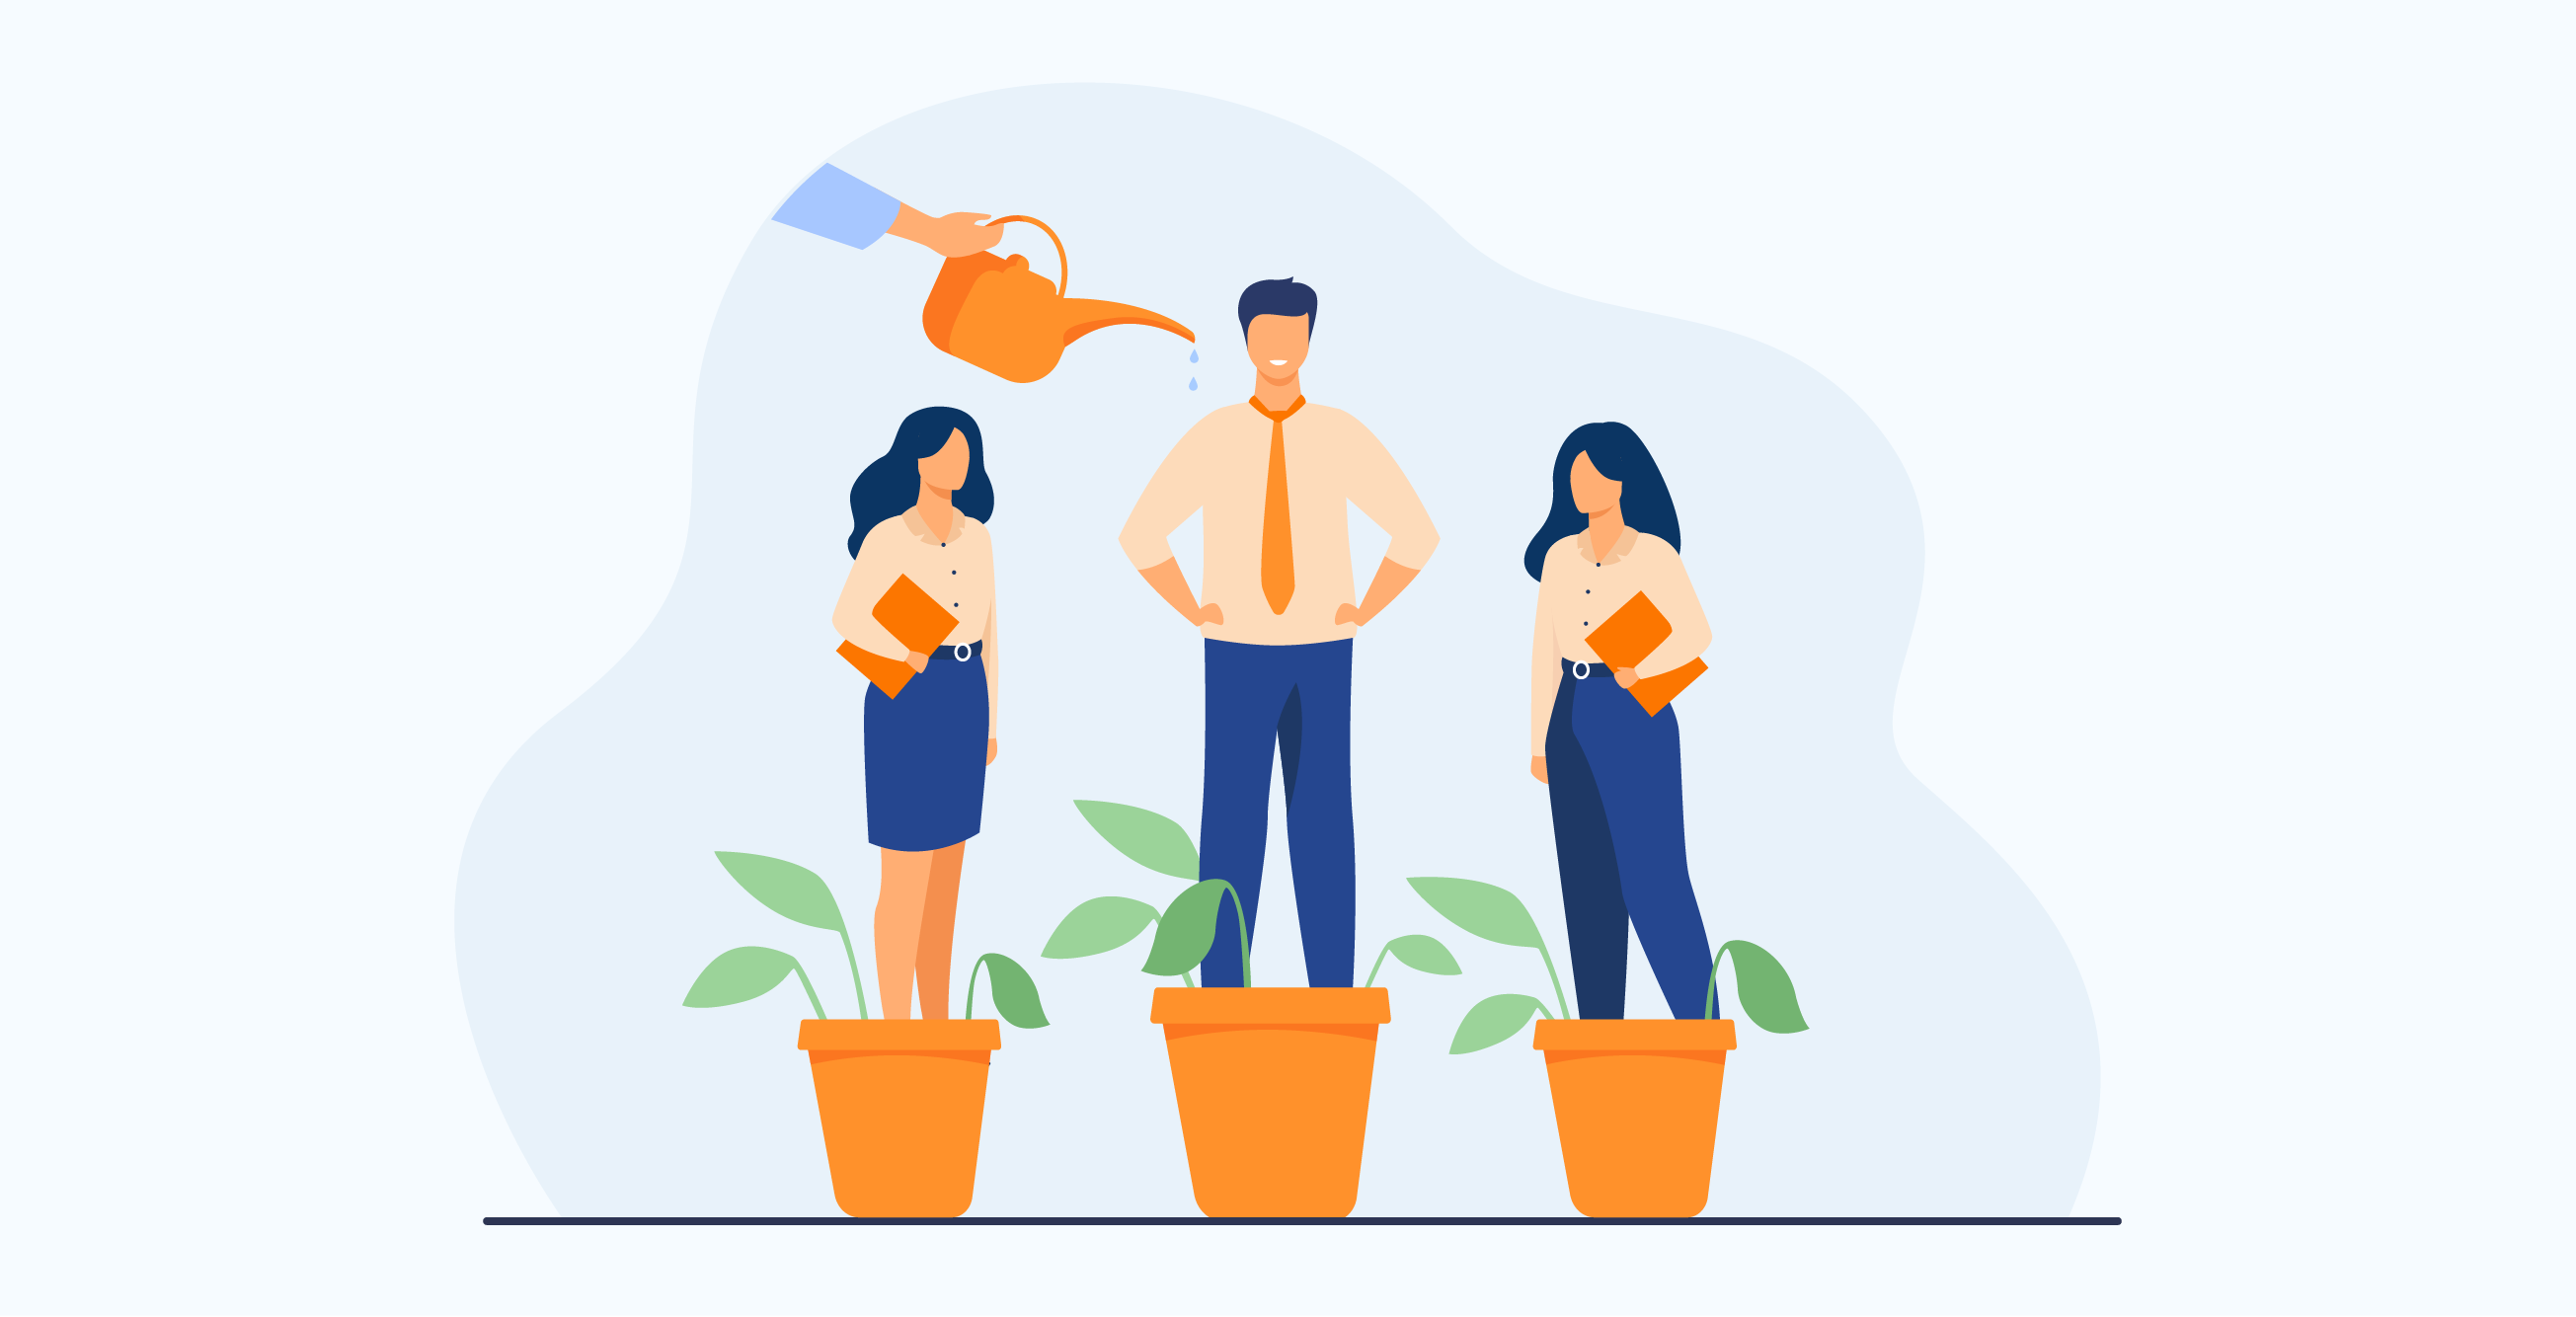 Artigo Quatro elementos para construir um ambiente que inspira e desenvolve pessoas